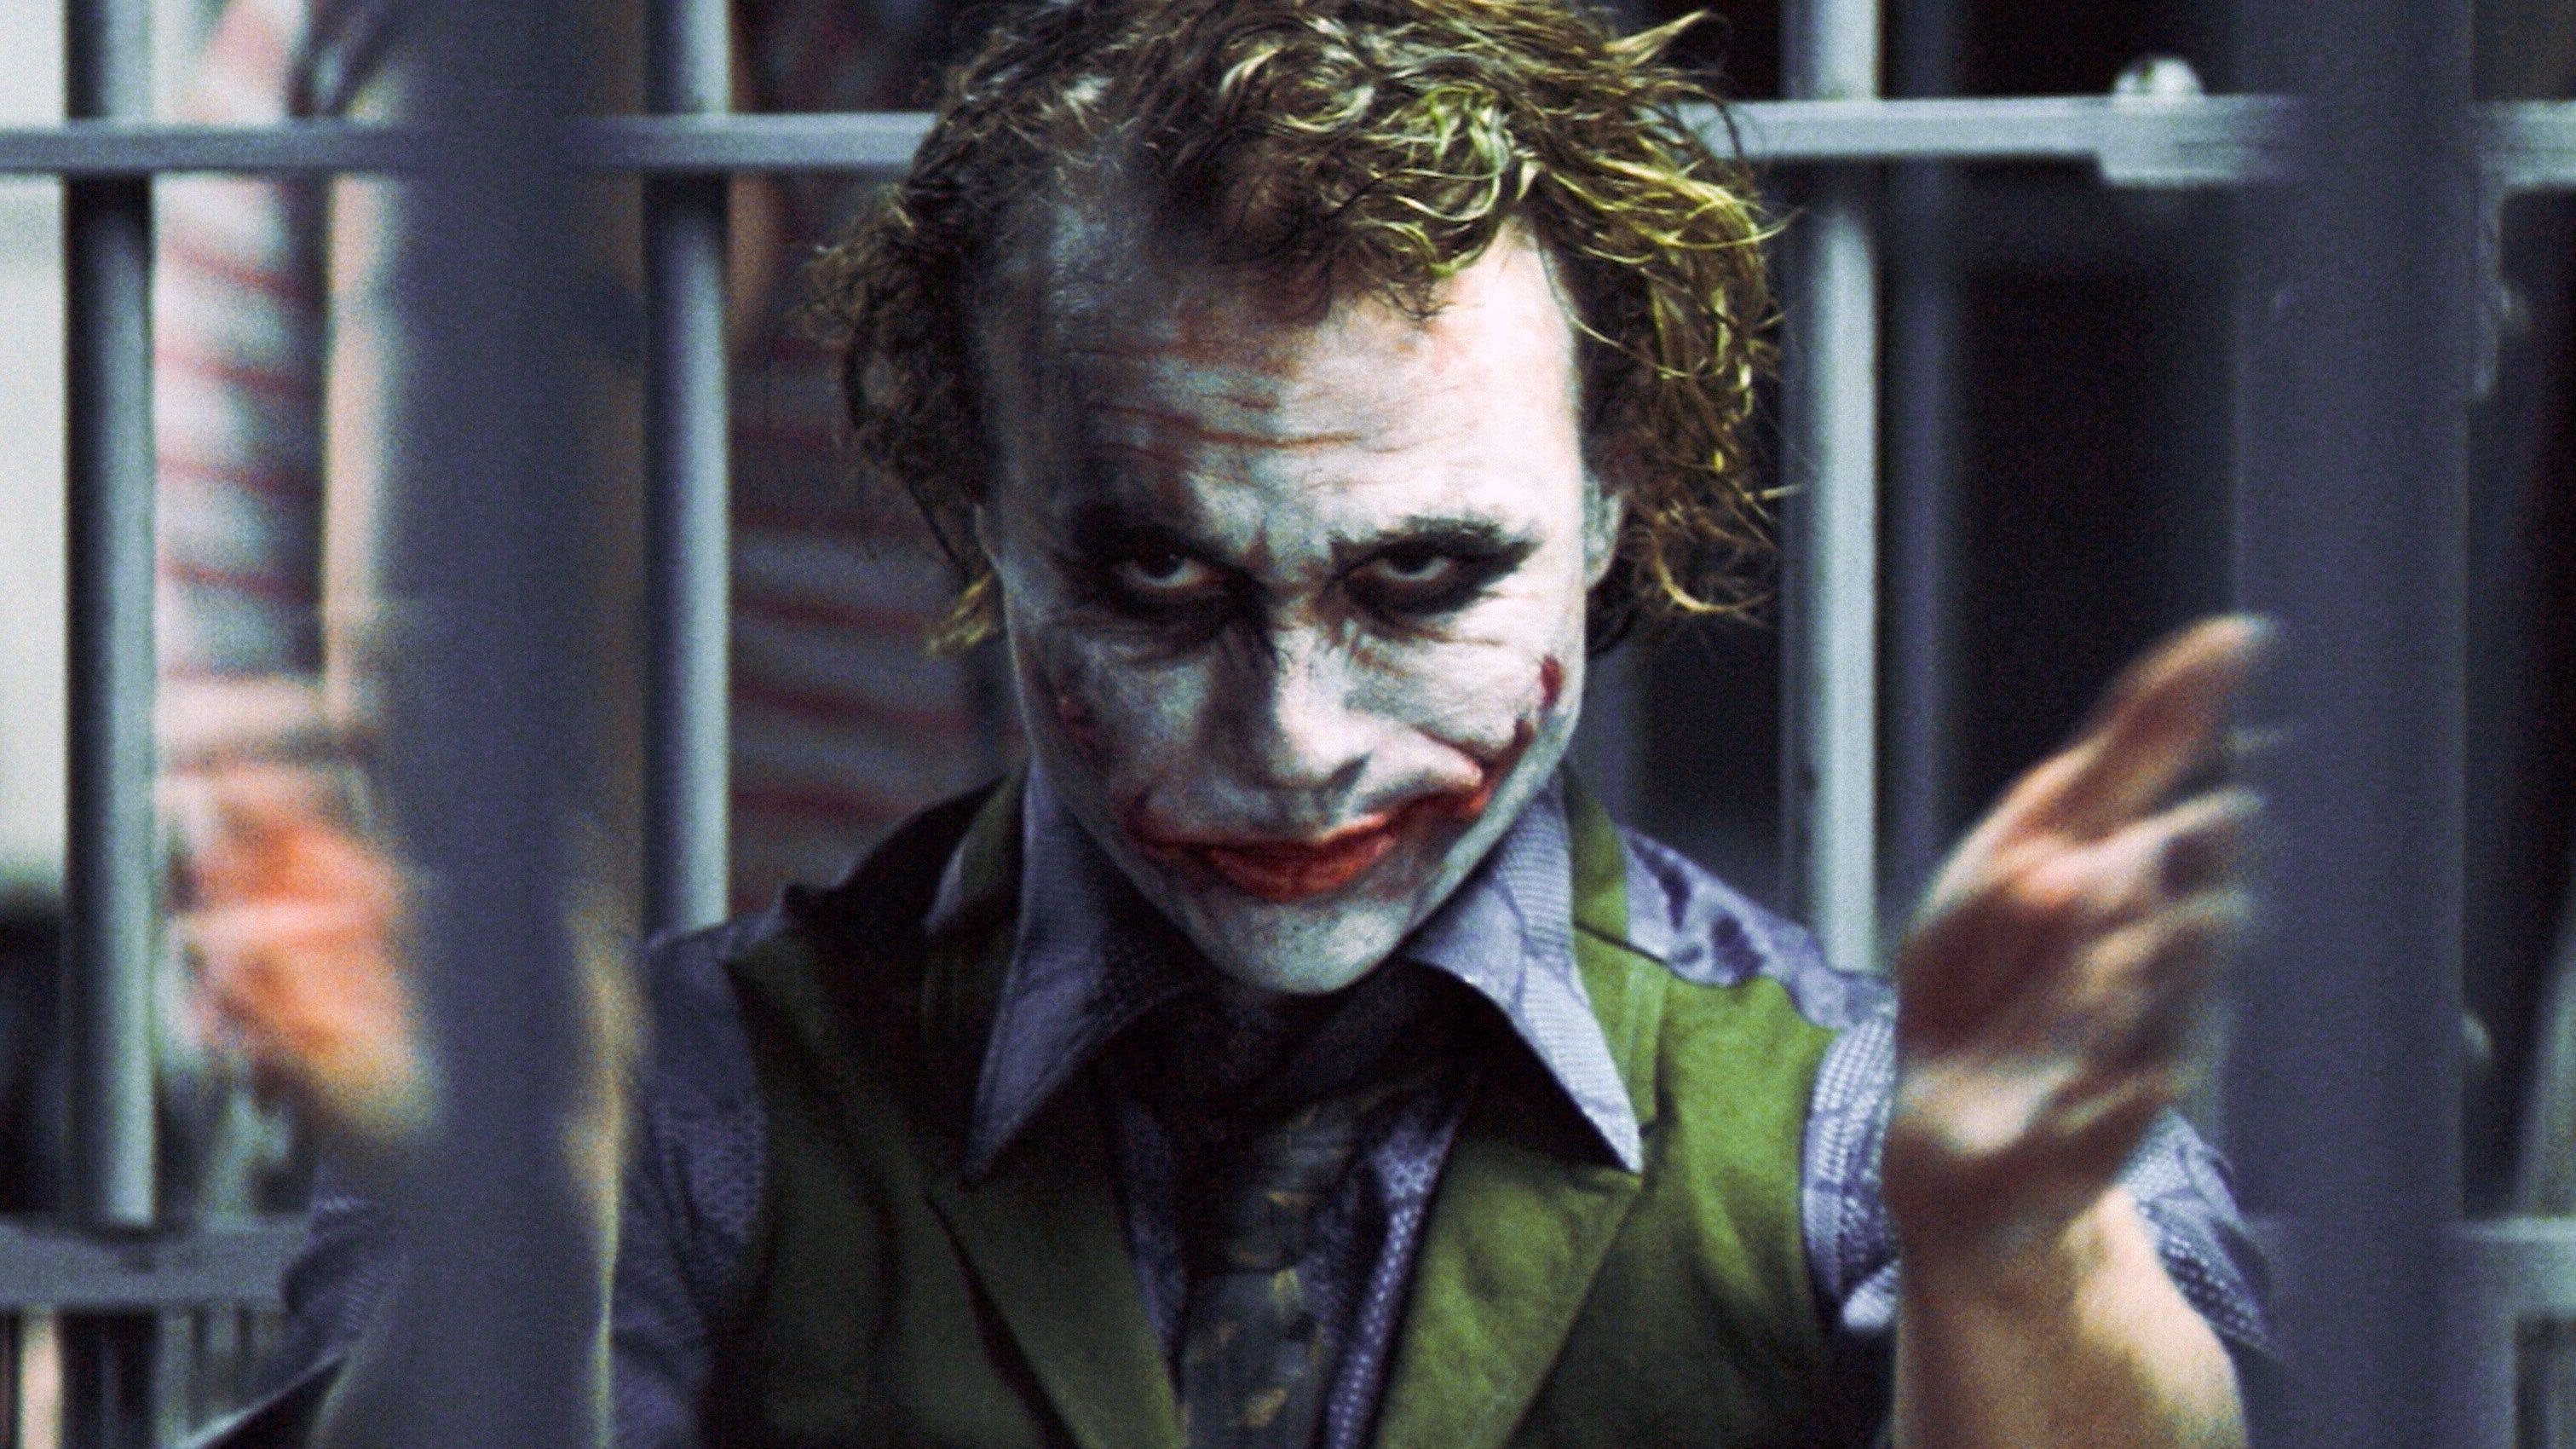 Rewriting Oscar history: Who won best popular film?